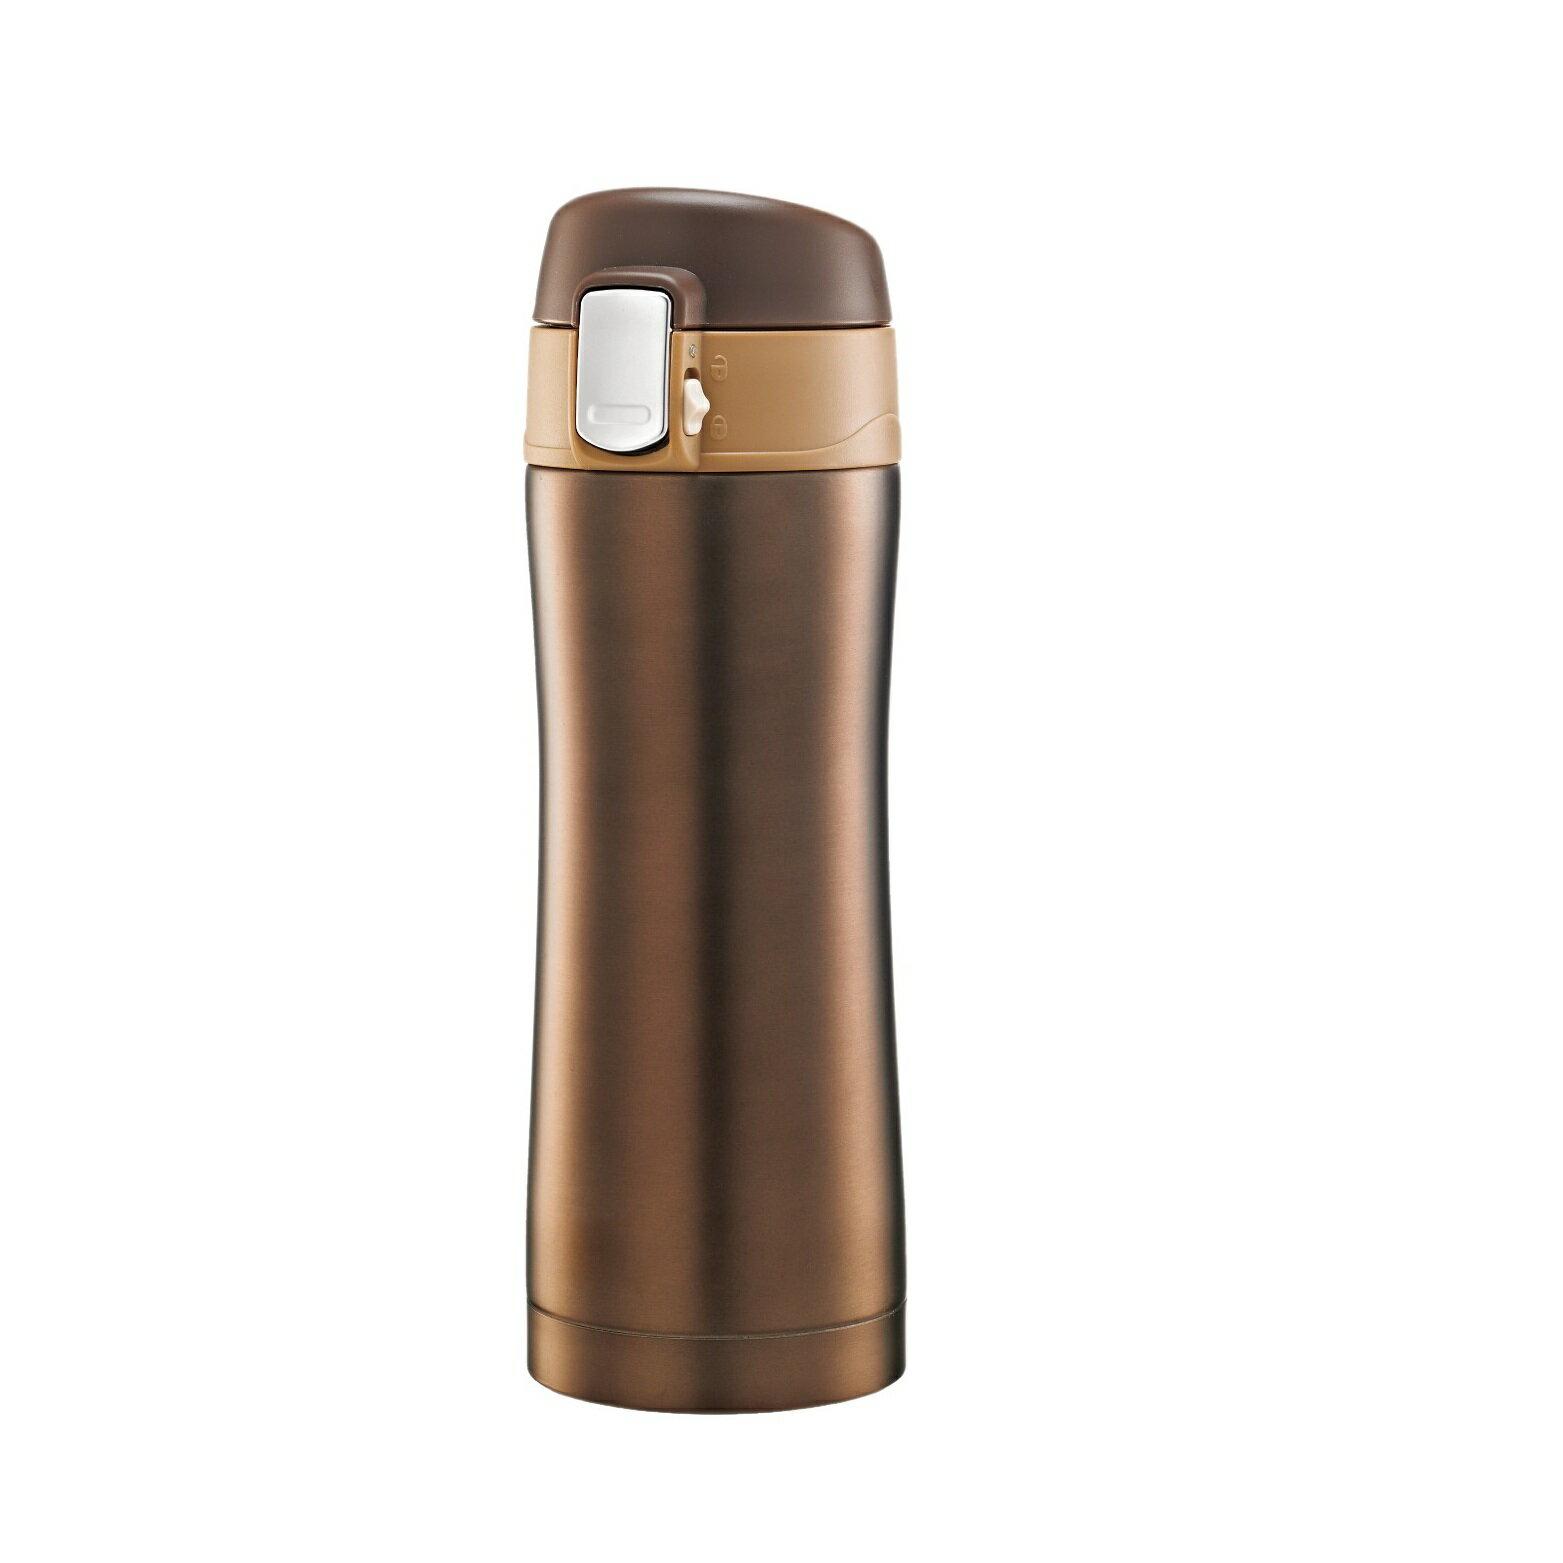 ★贈真空保溫瓶【飛利浦 PHILIPS】1.7L 不鏽鋼煮水壺 / 金色 (HD9322) 1